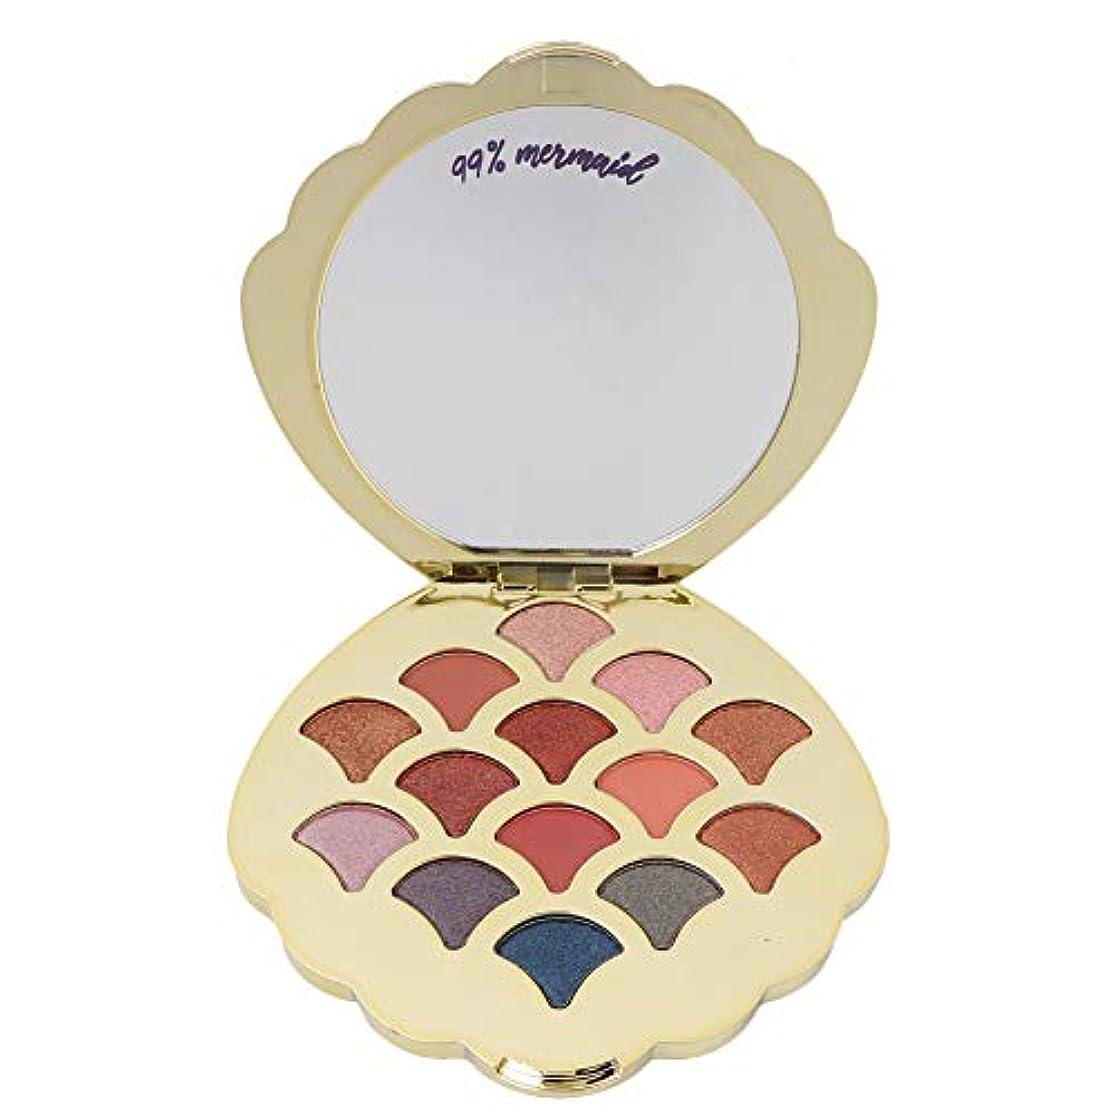 エジプトイノセンスネックレスアイシャドウパレット 14色 アイシャドウパレット 化粧マット グロス アイシャドウパウダー 化粧品ツール